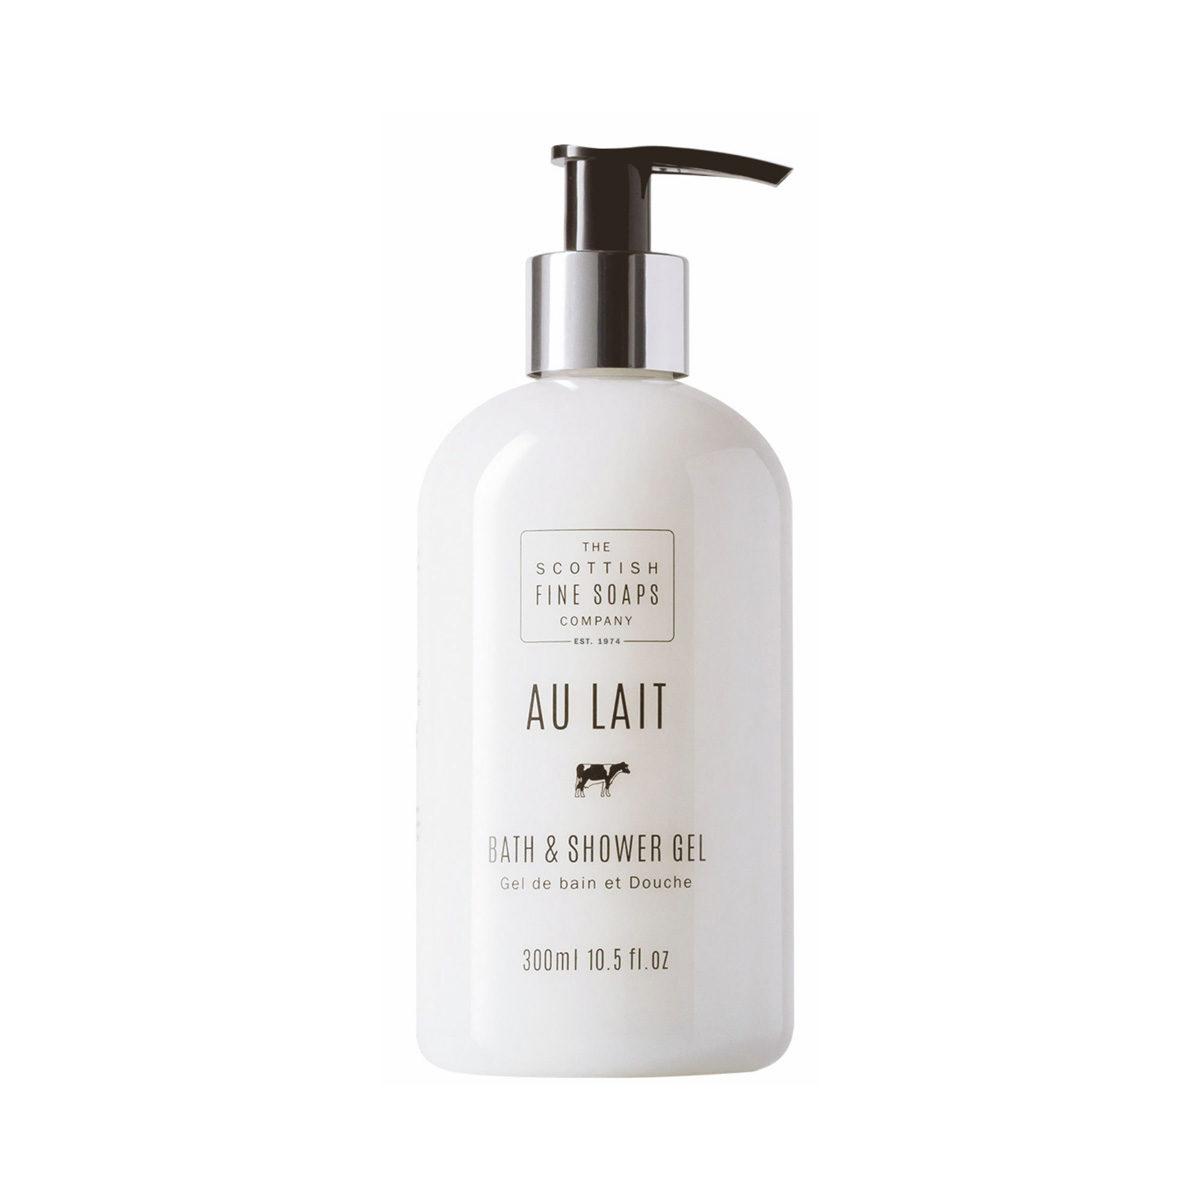 Au Lait Bath & Shower Gel